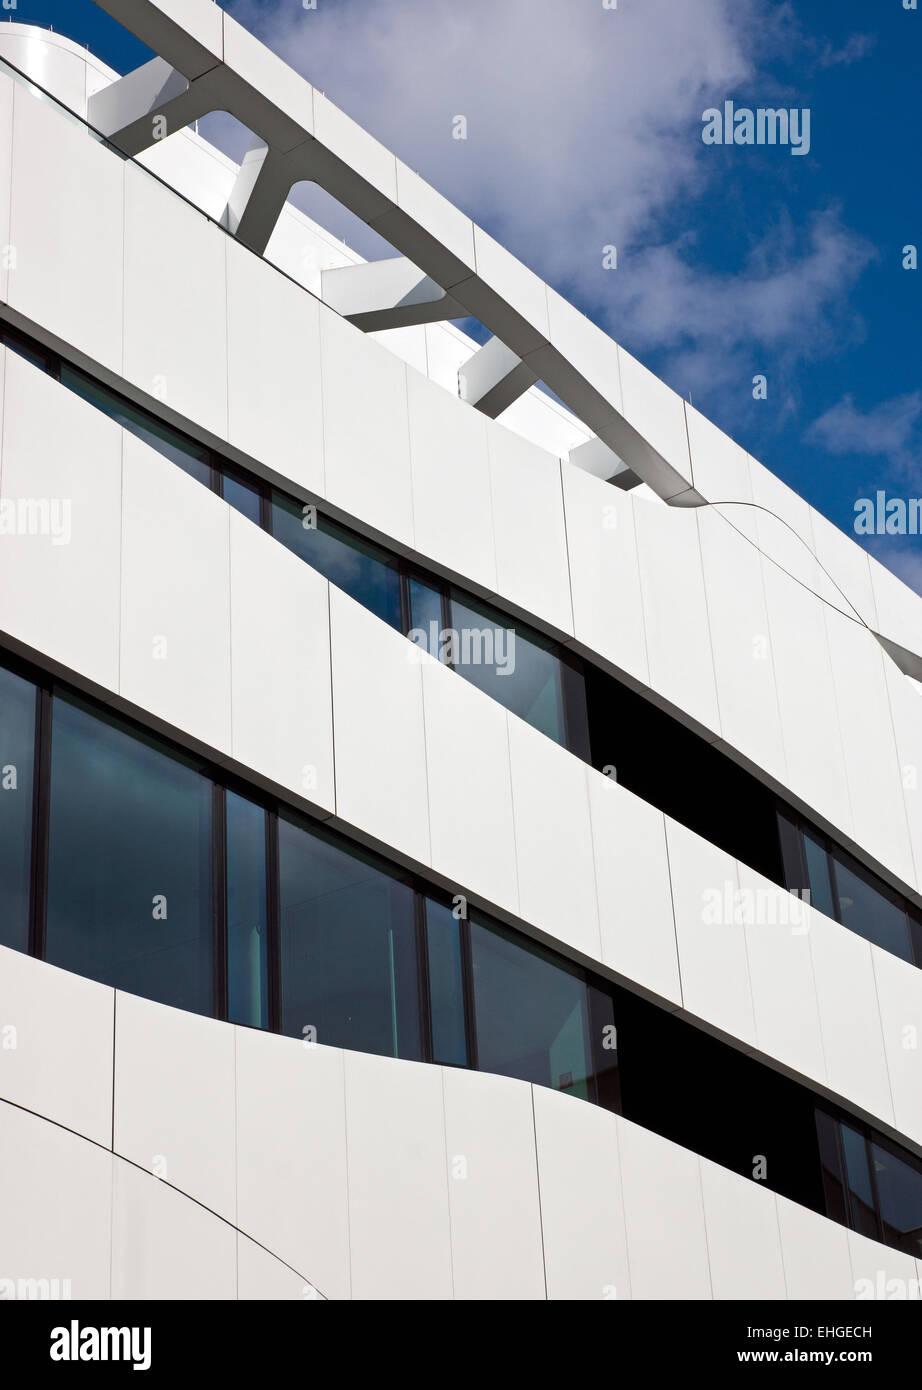 Stil Modern Stock Photos Stil Modern Stock Images Alamy